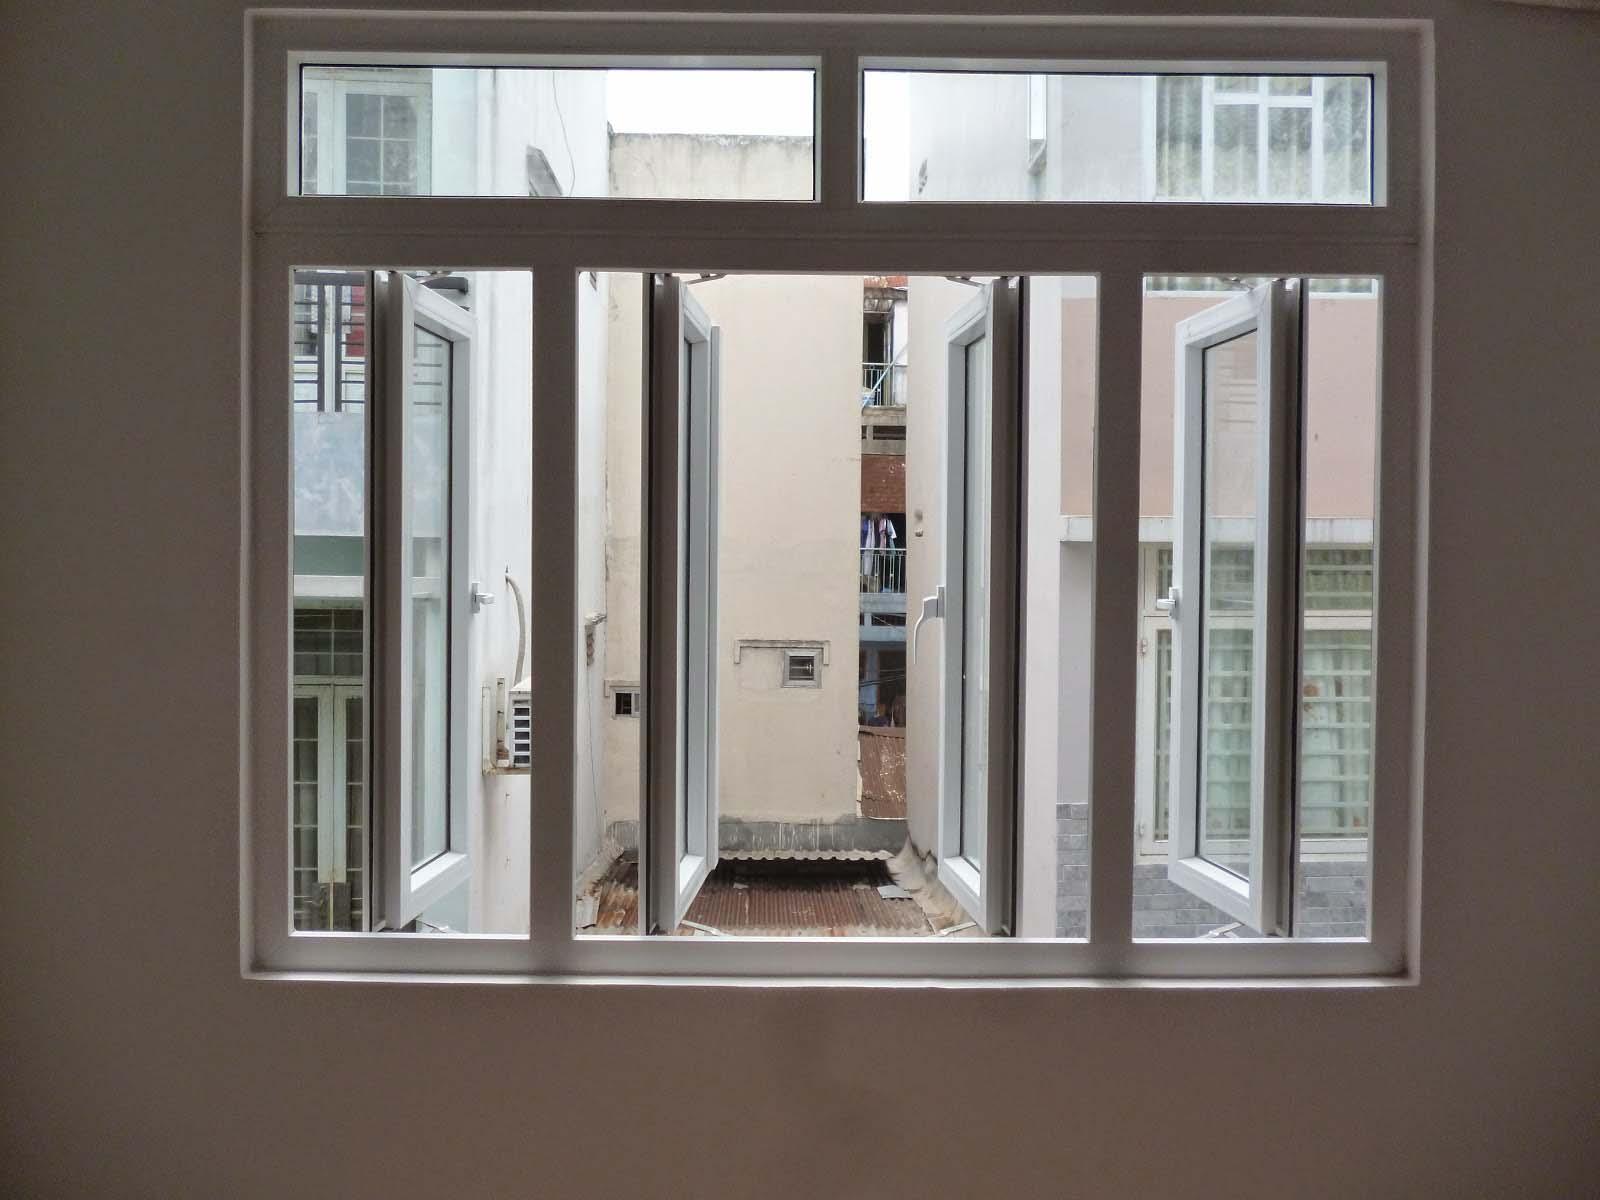 Hình ảnh những mẫu cửa sổ đẹp